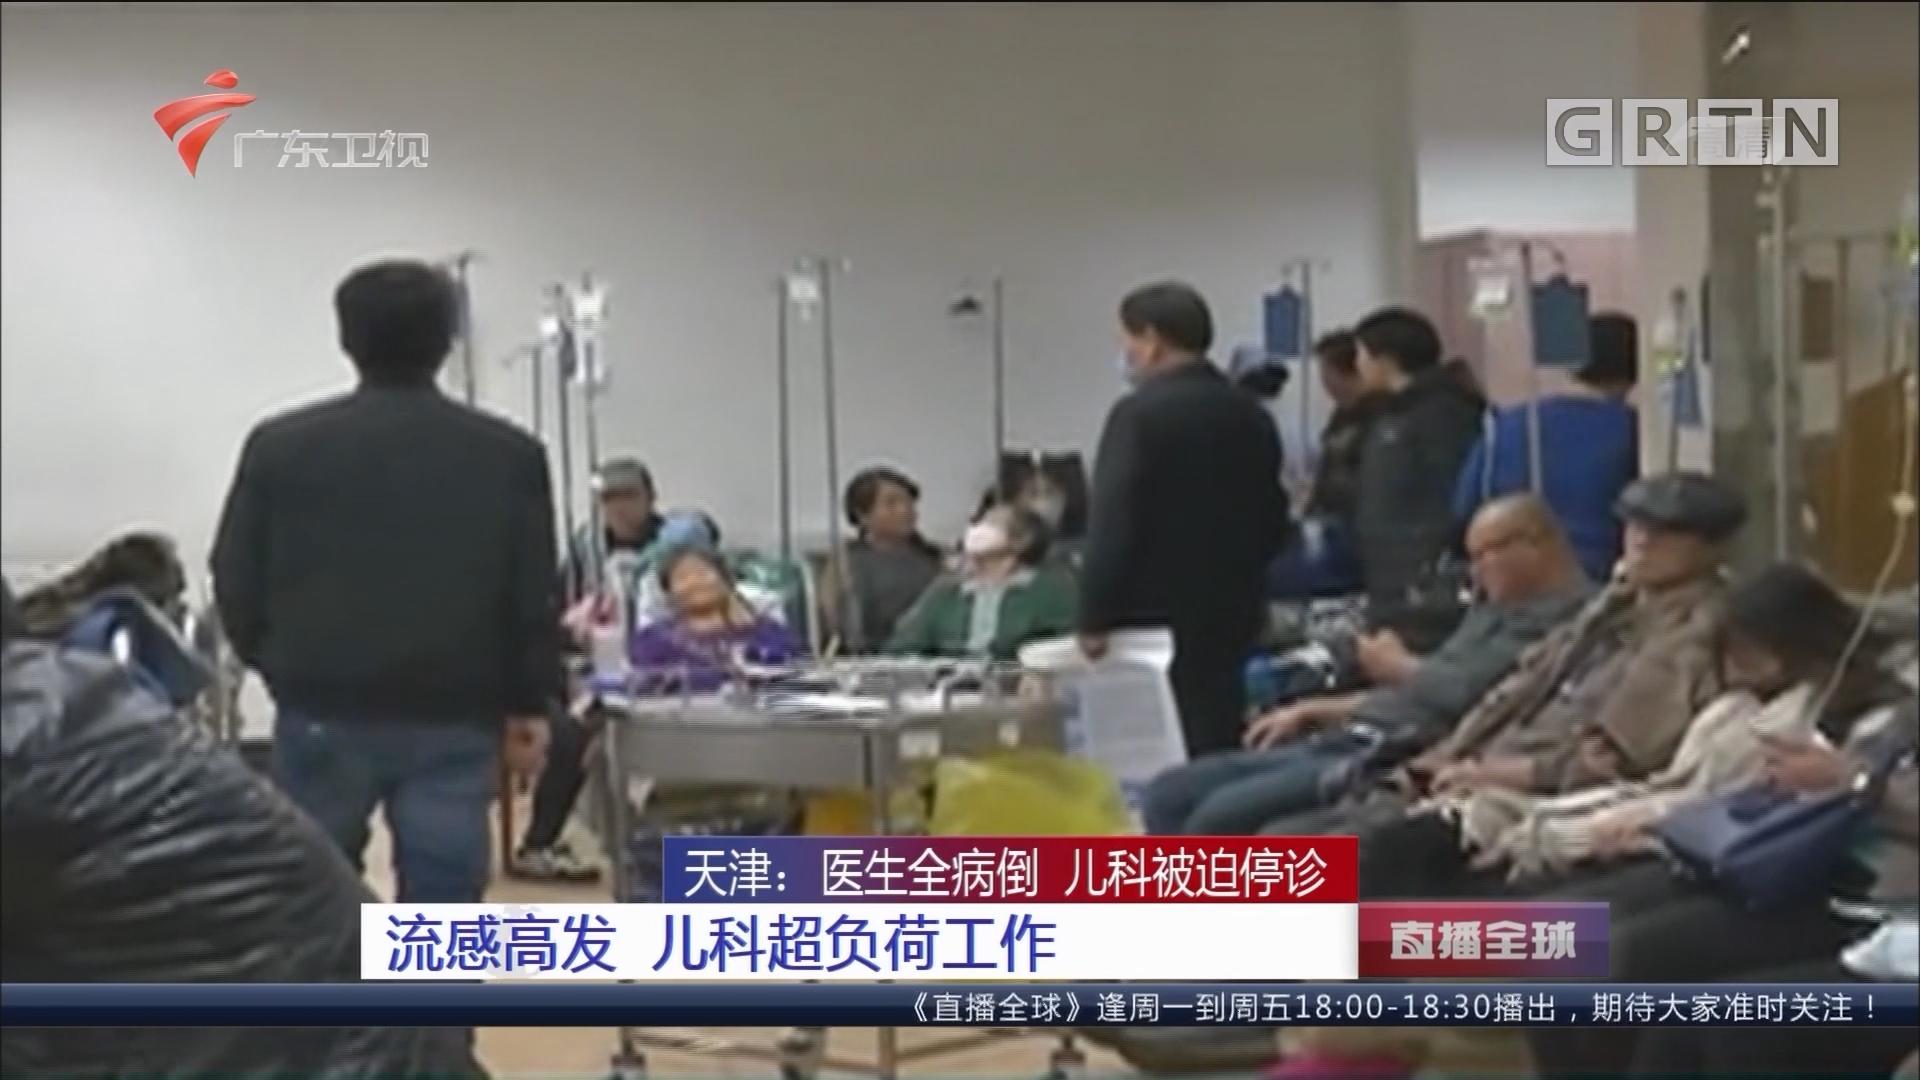 天津:医生全病倒 儿科被迫停诊 流感高发 儿科超负荷工作